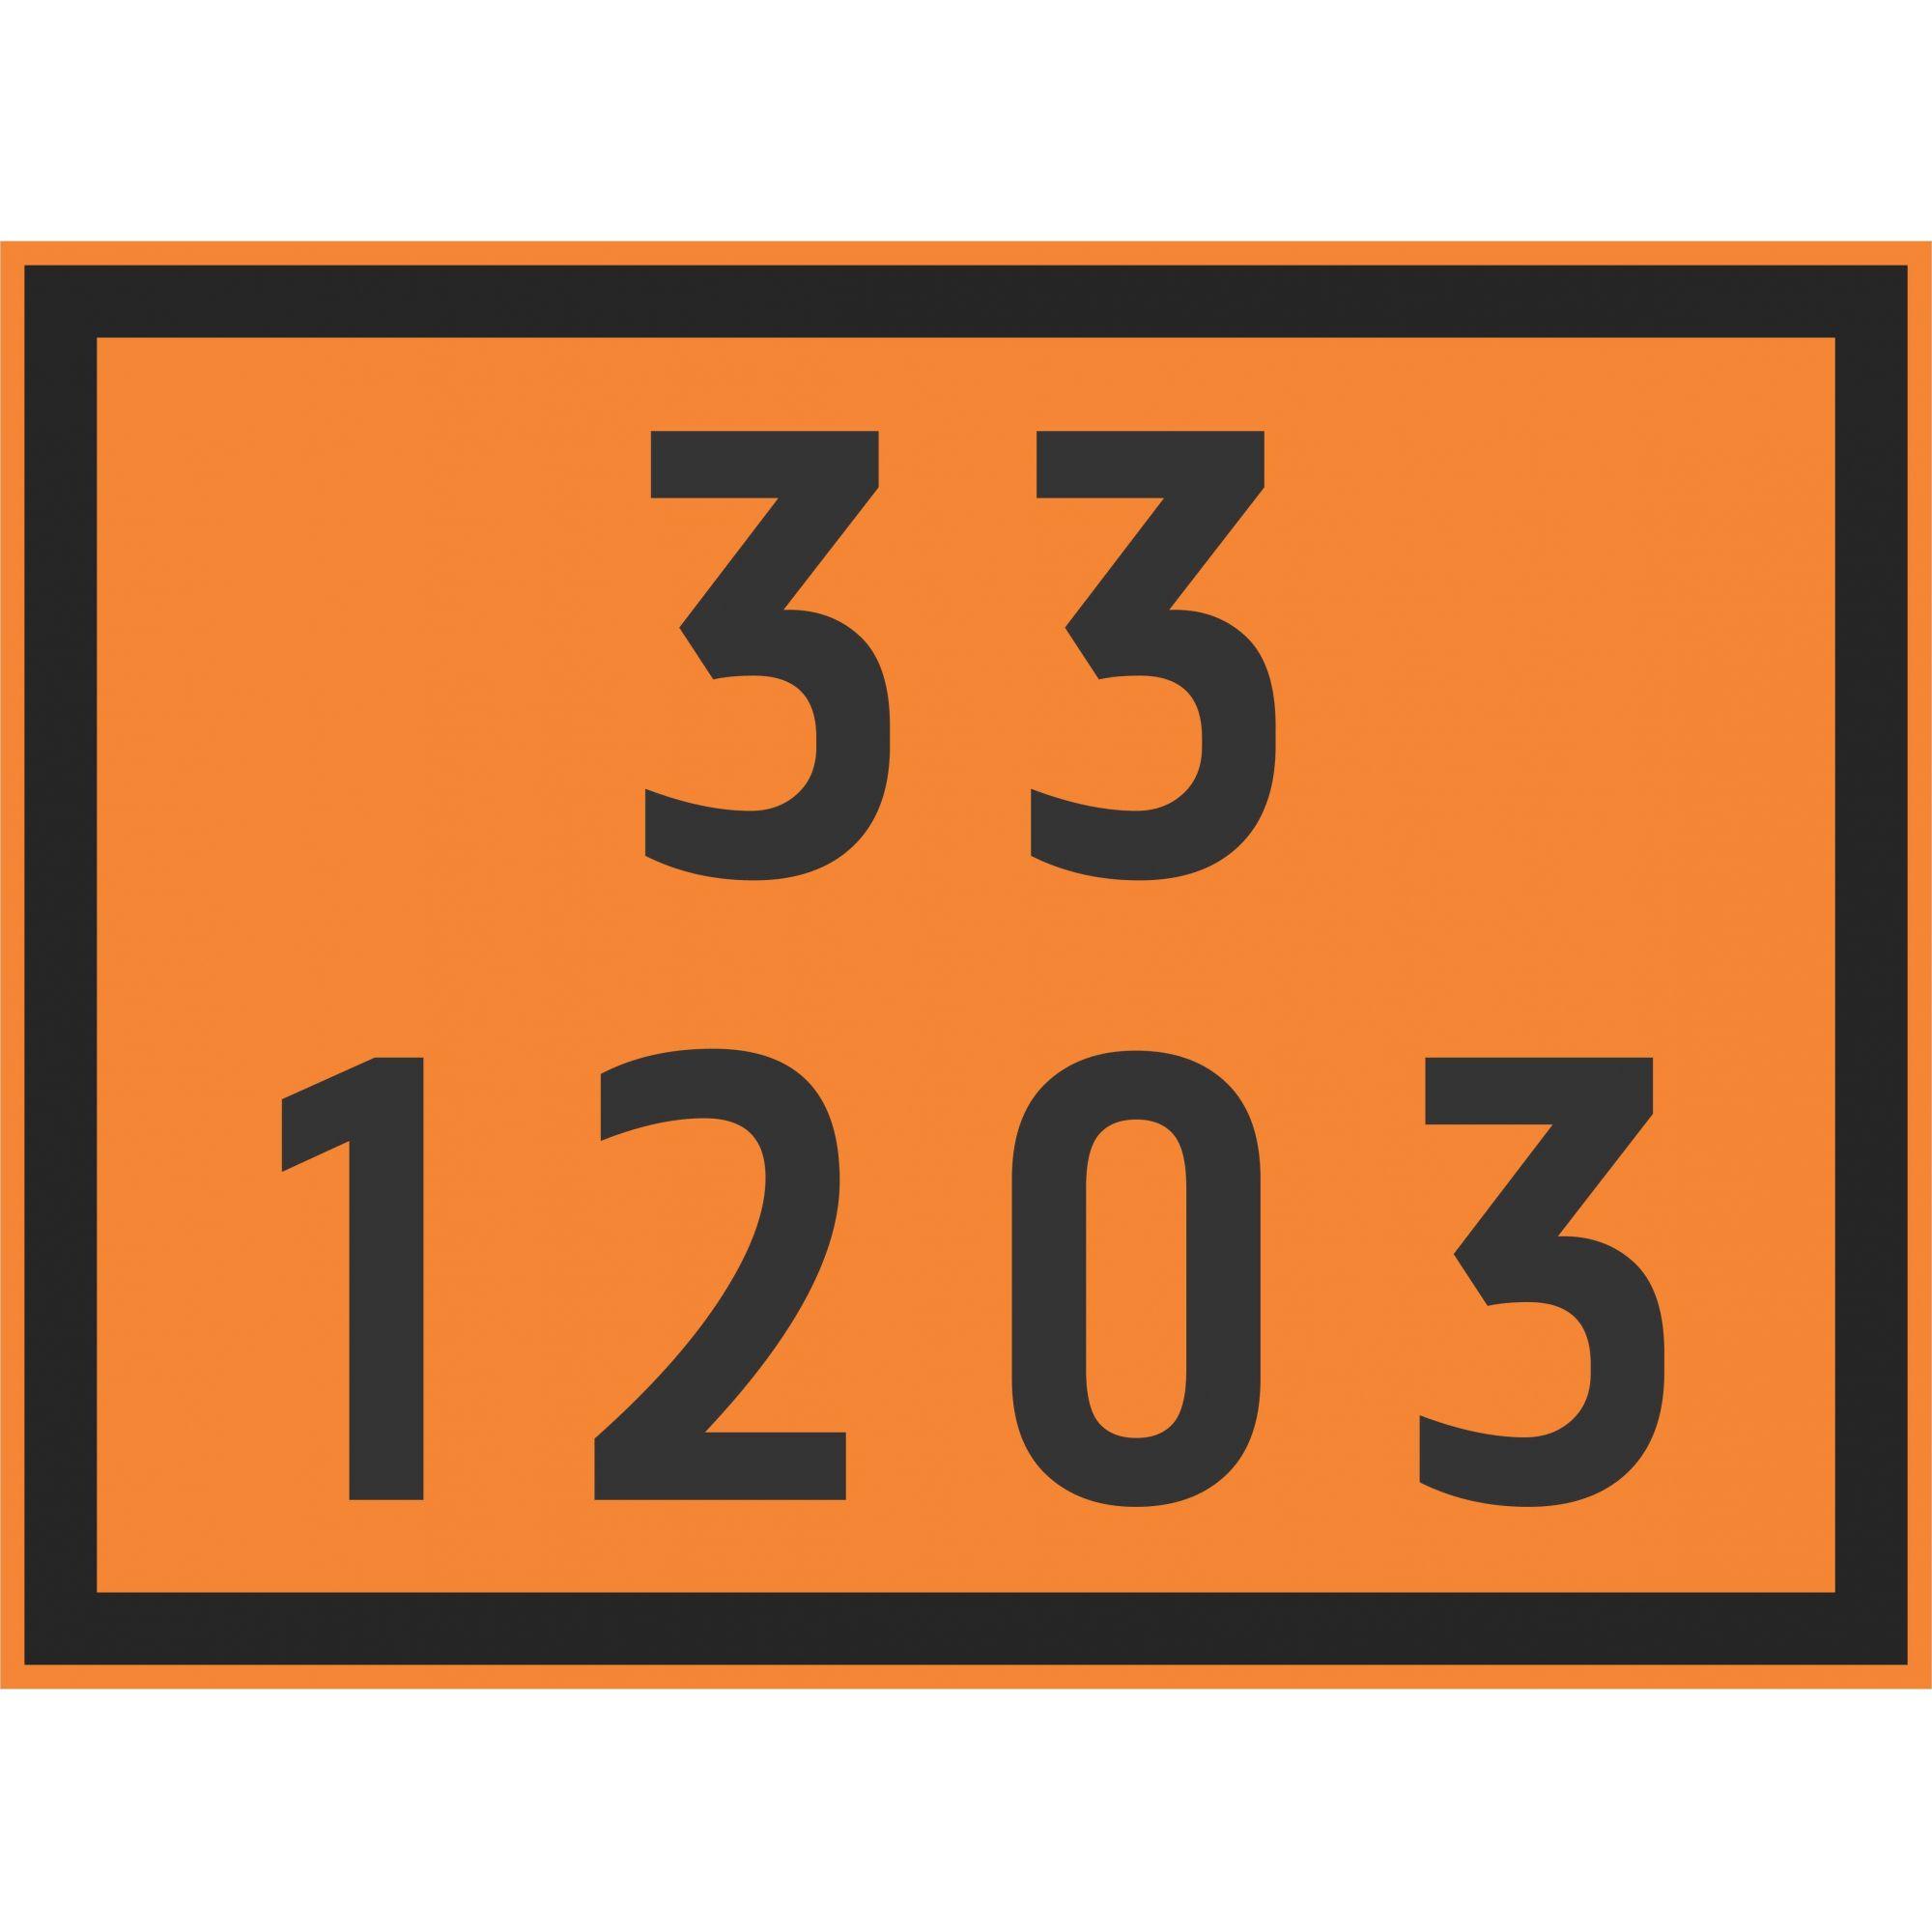 COMBUSTIVEL AUTOMOTOR 1203  - Towbar Sinalização de Segurança